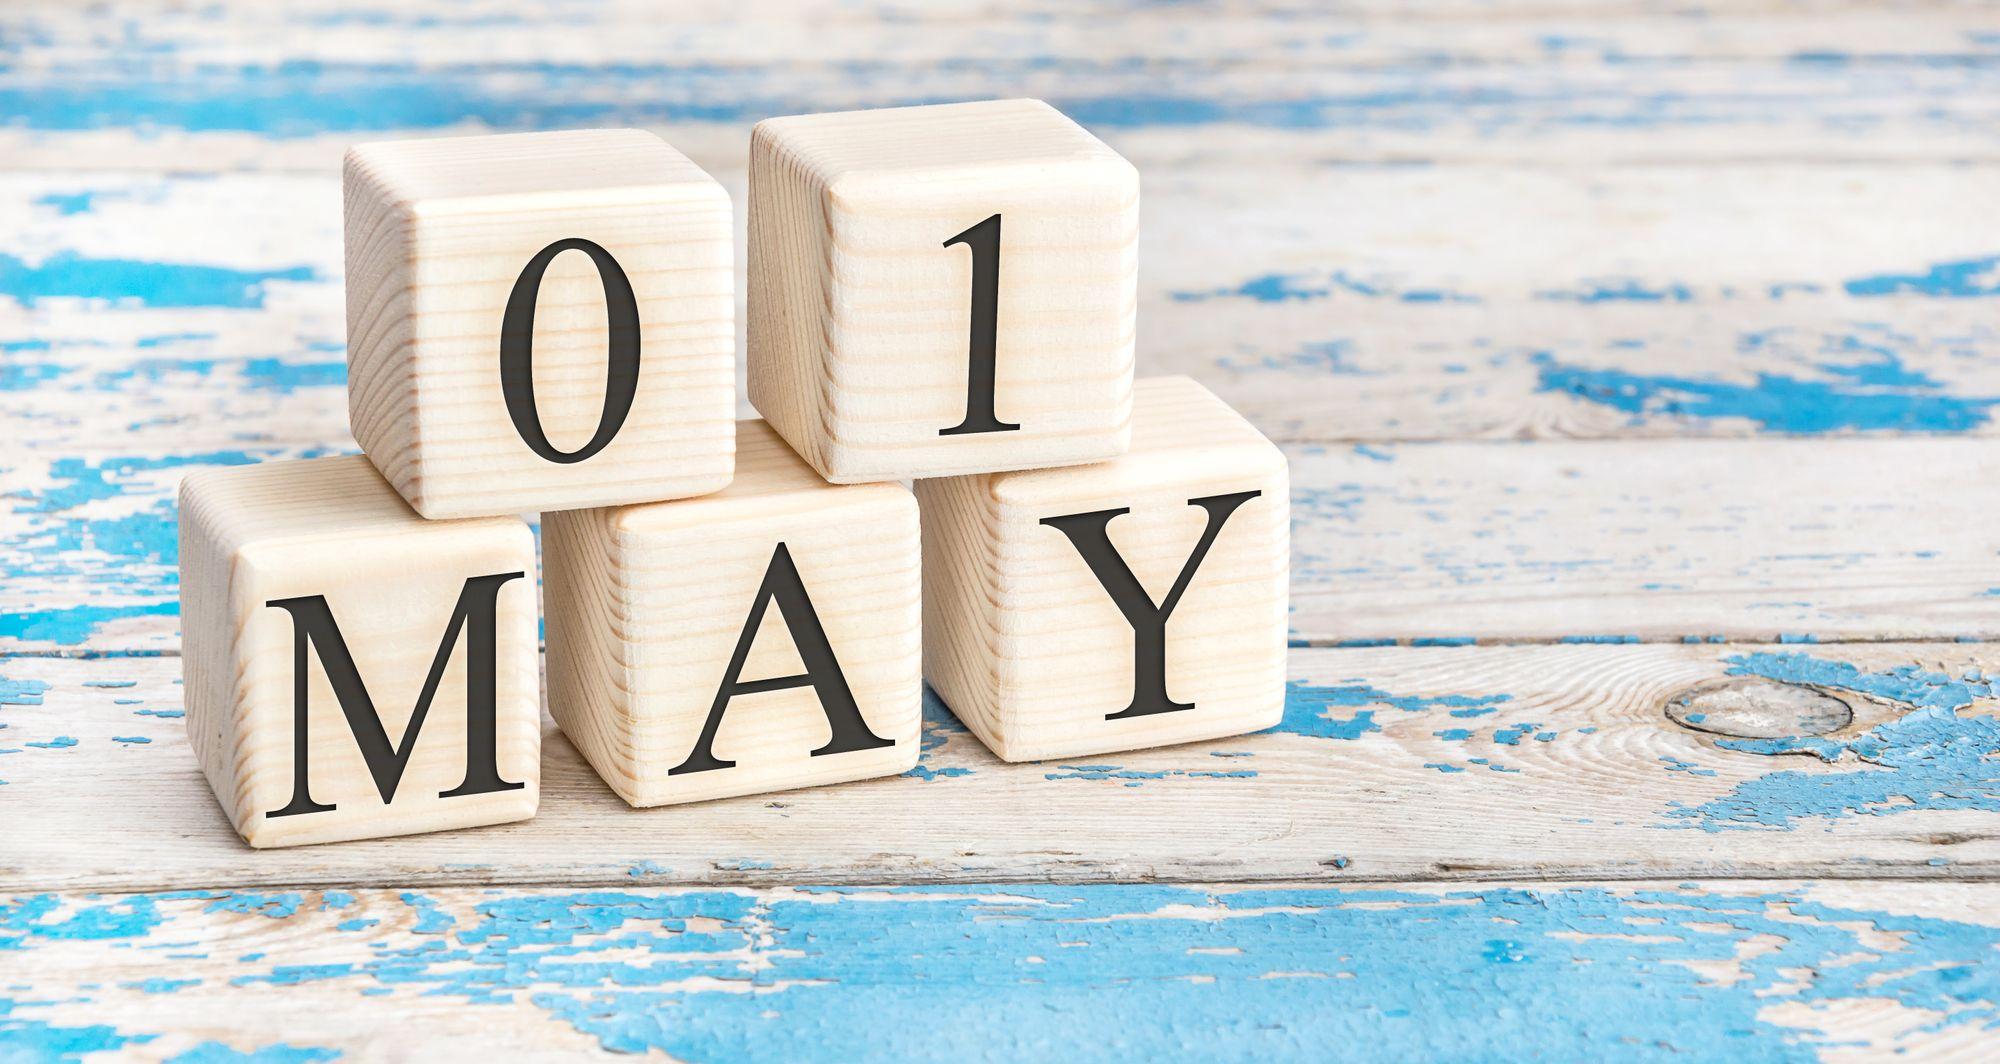 5月1日指数交易变动